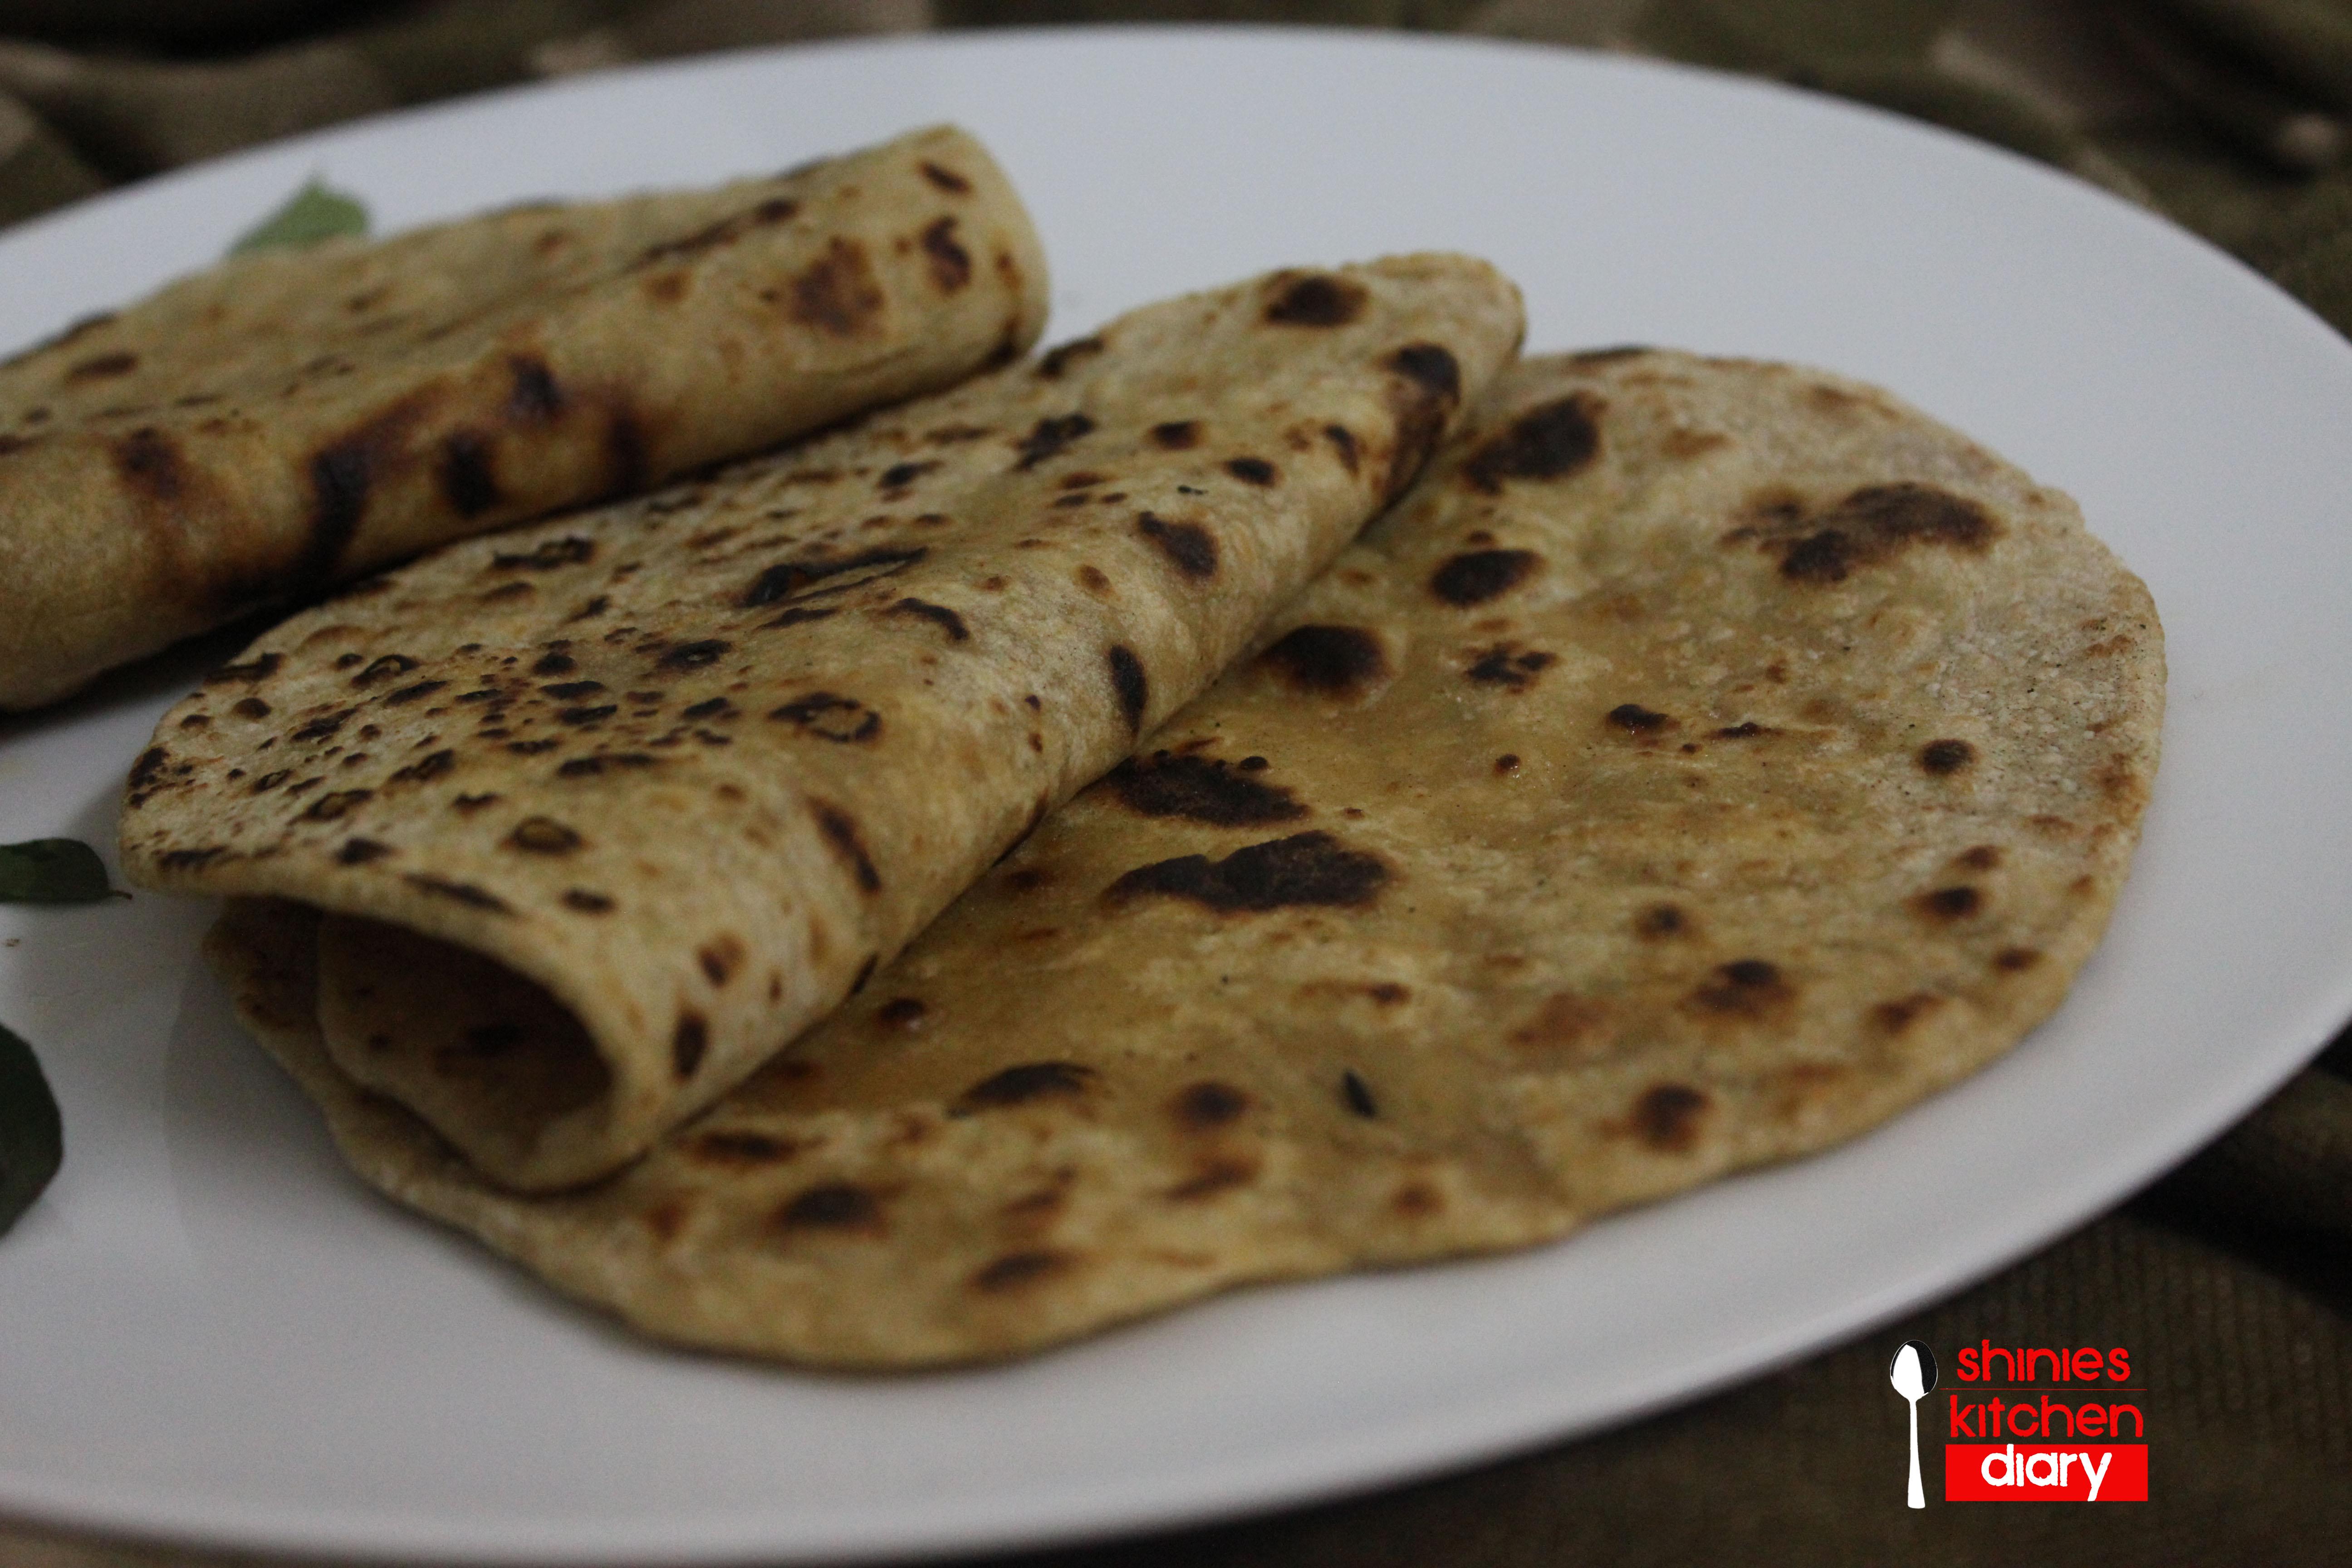 Shinies Kitchen Diary: Chapati